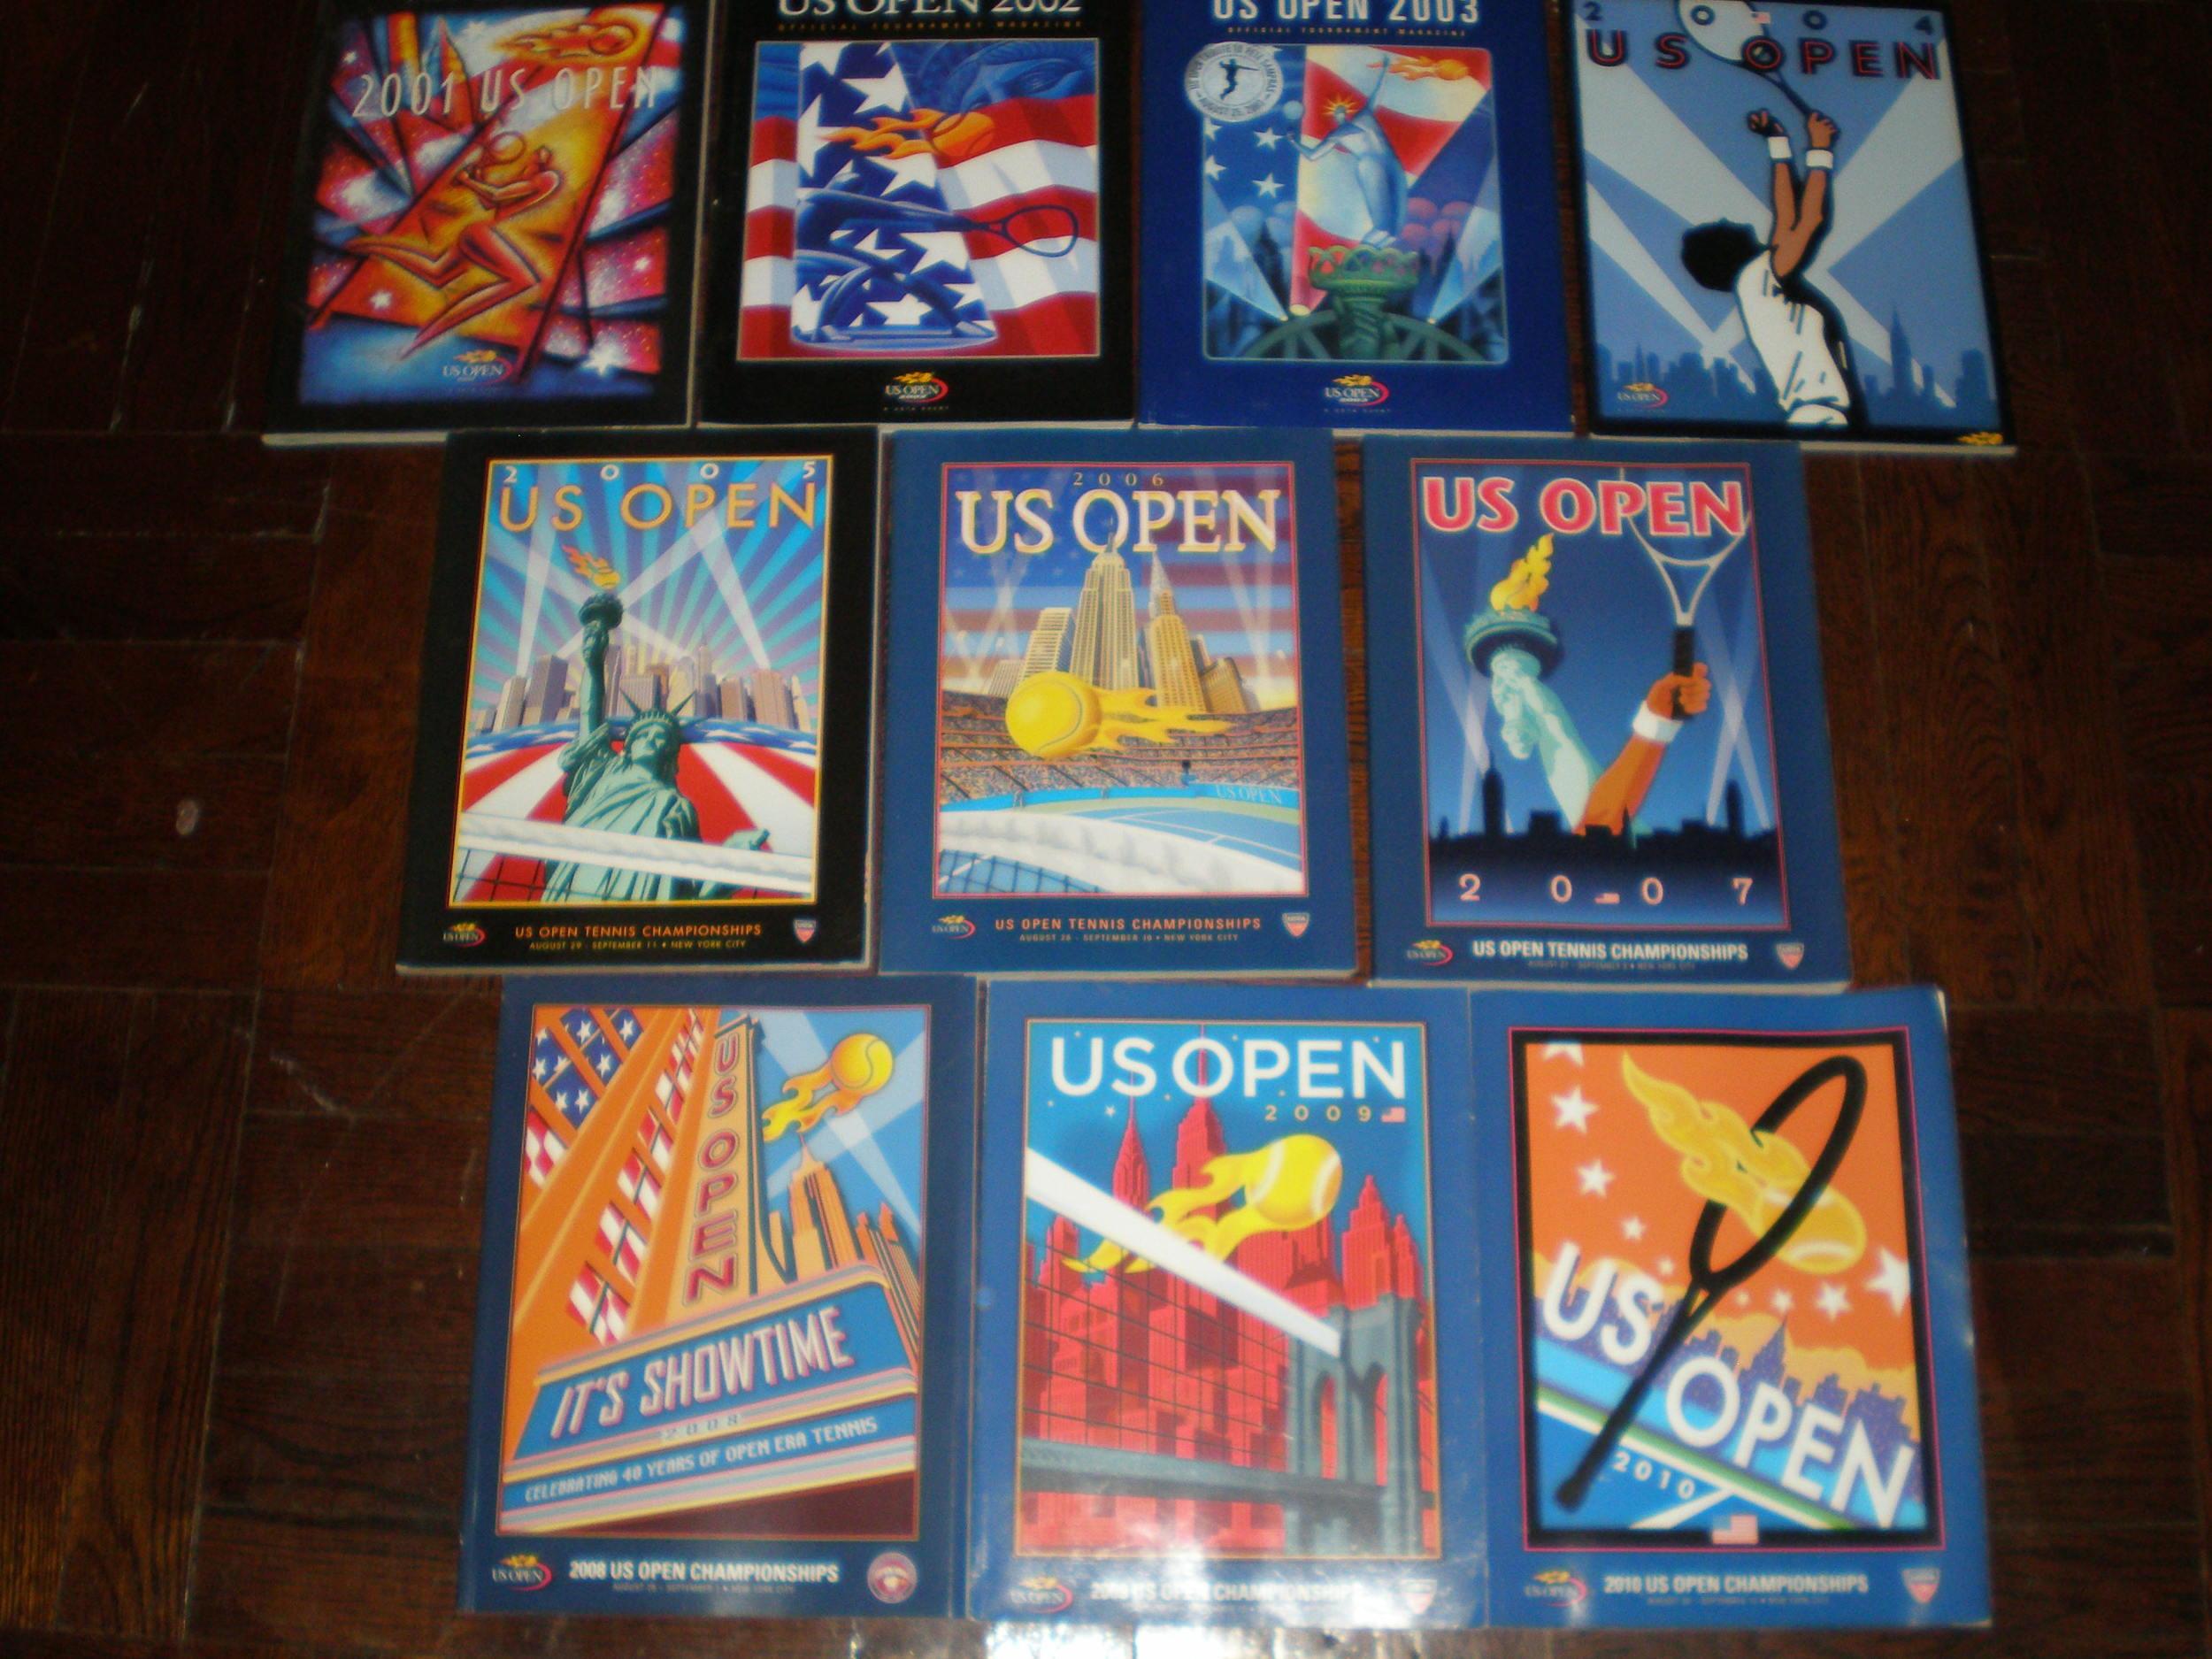 My Top 10 US Open Memories